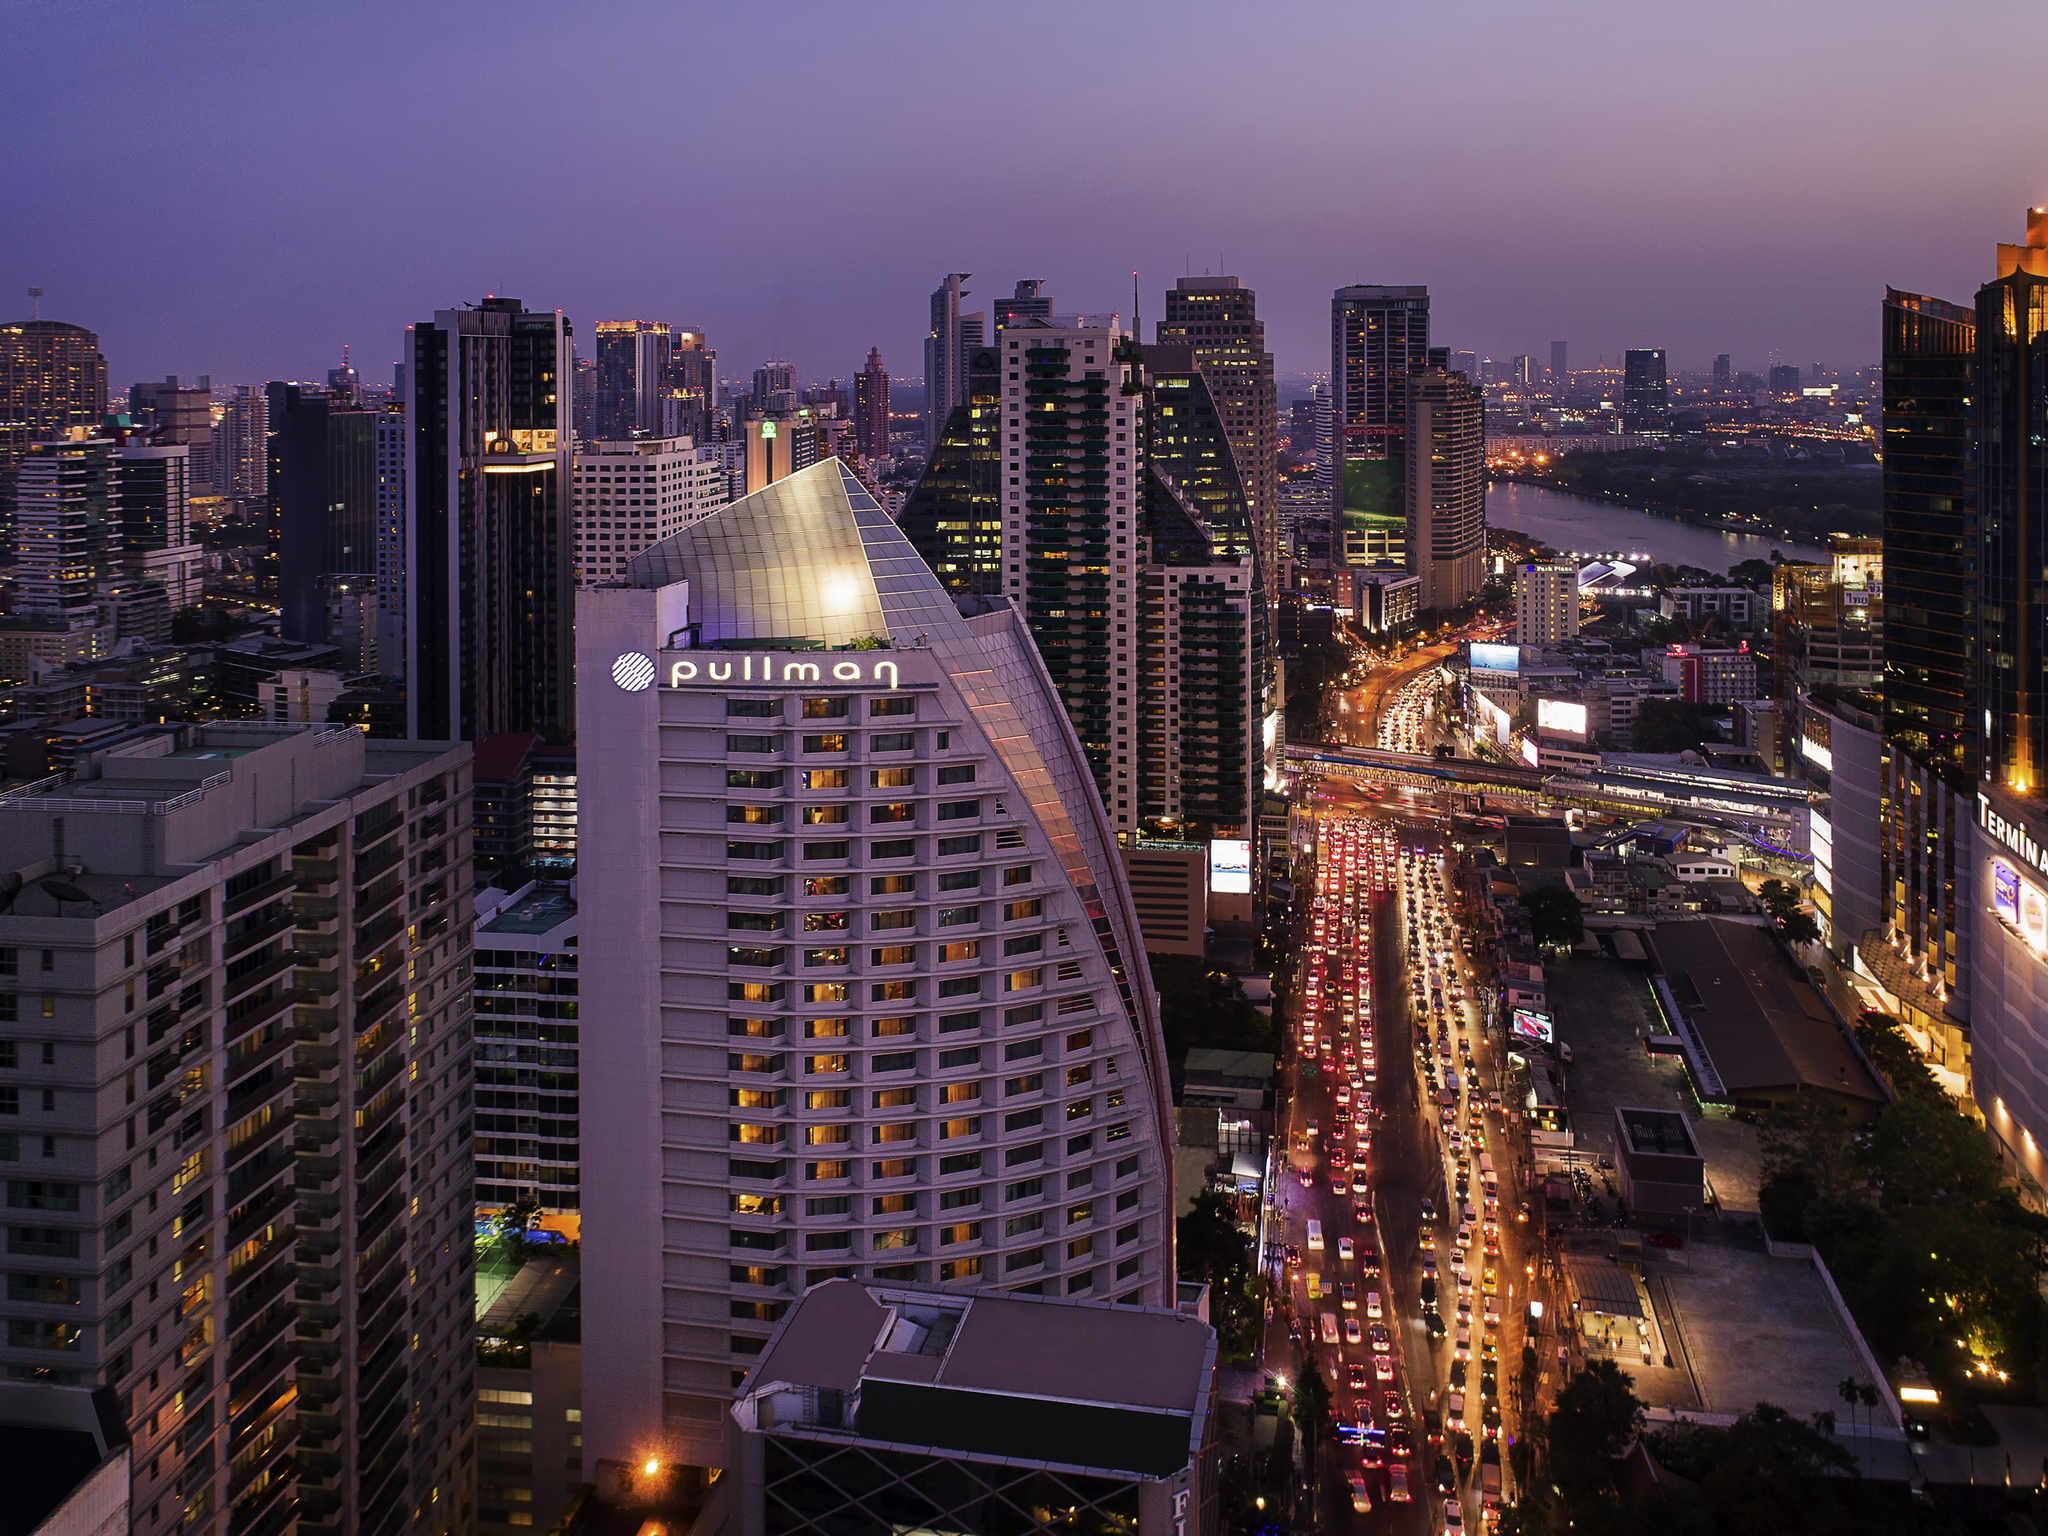 โรงแรม – พูลแมน กรุงเทพฯ แกรนด์ สุขุมวิท